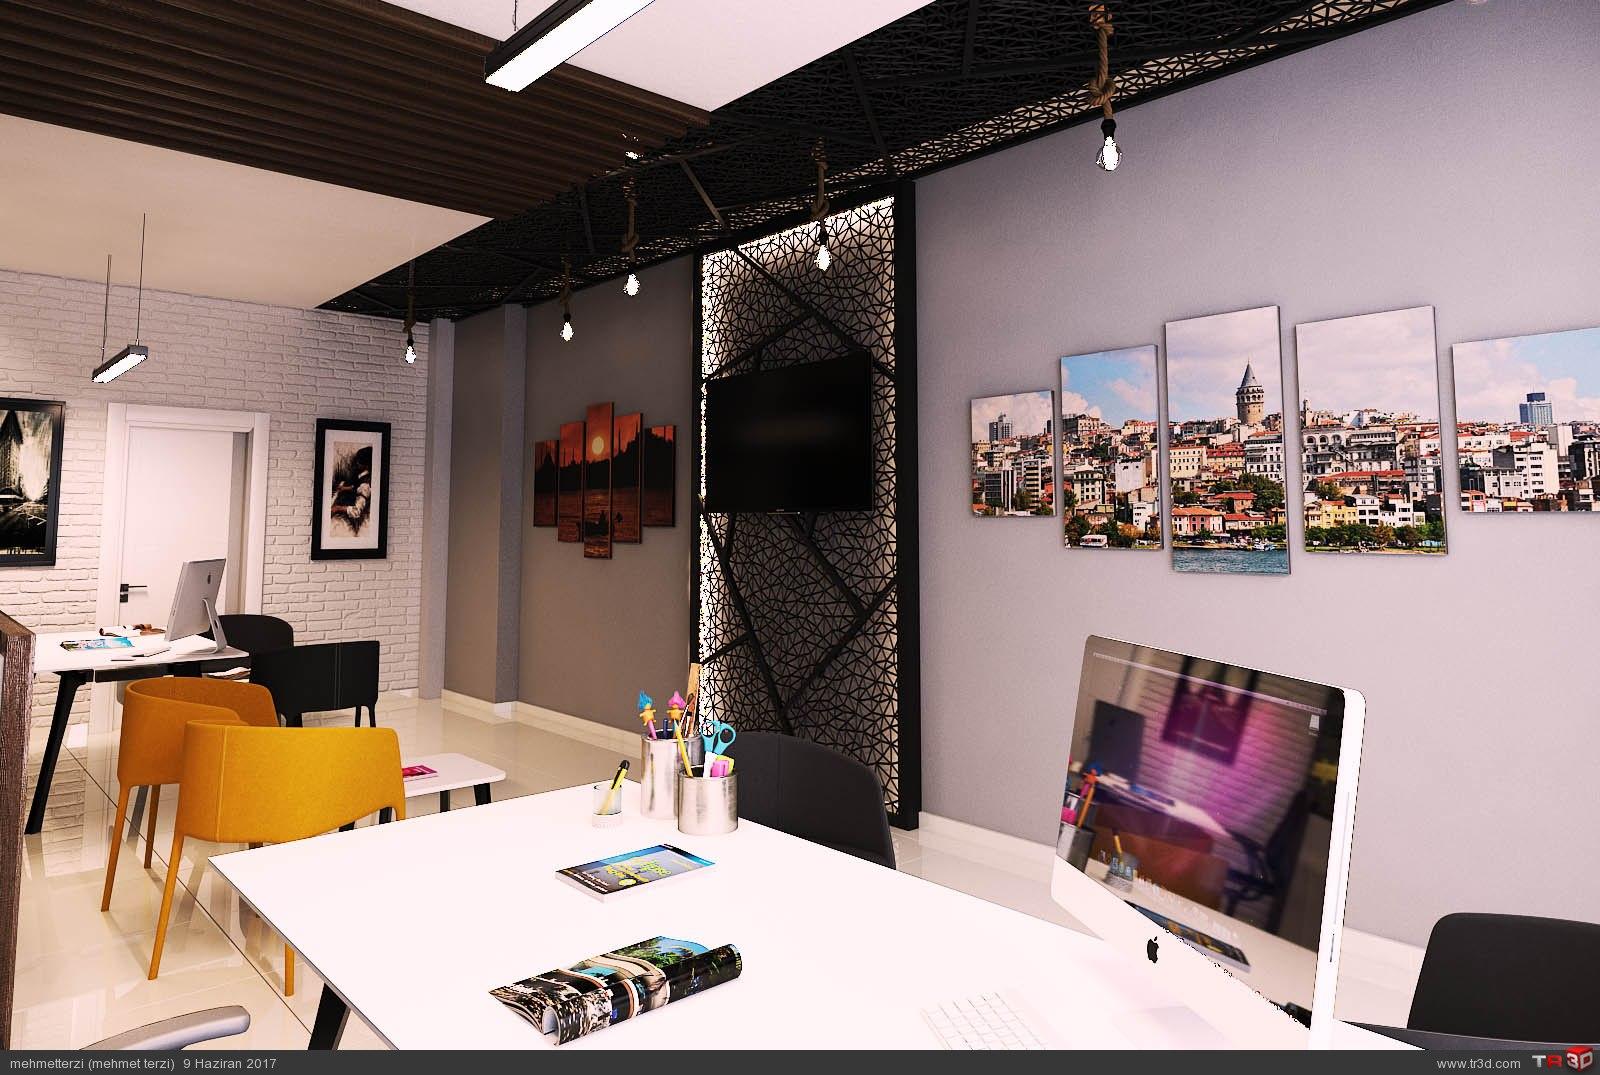 M.K emlak ofisi tasarımı 1